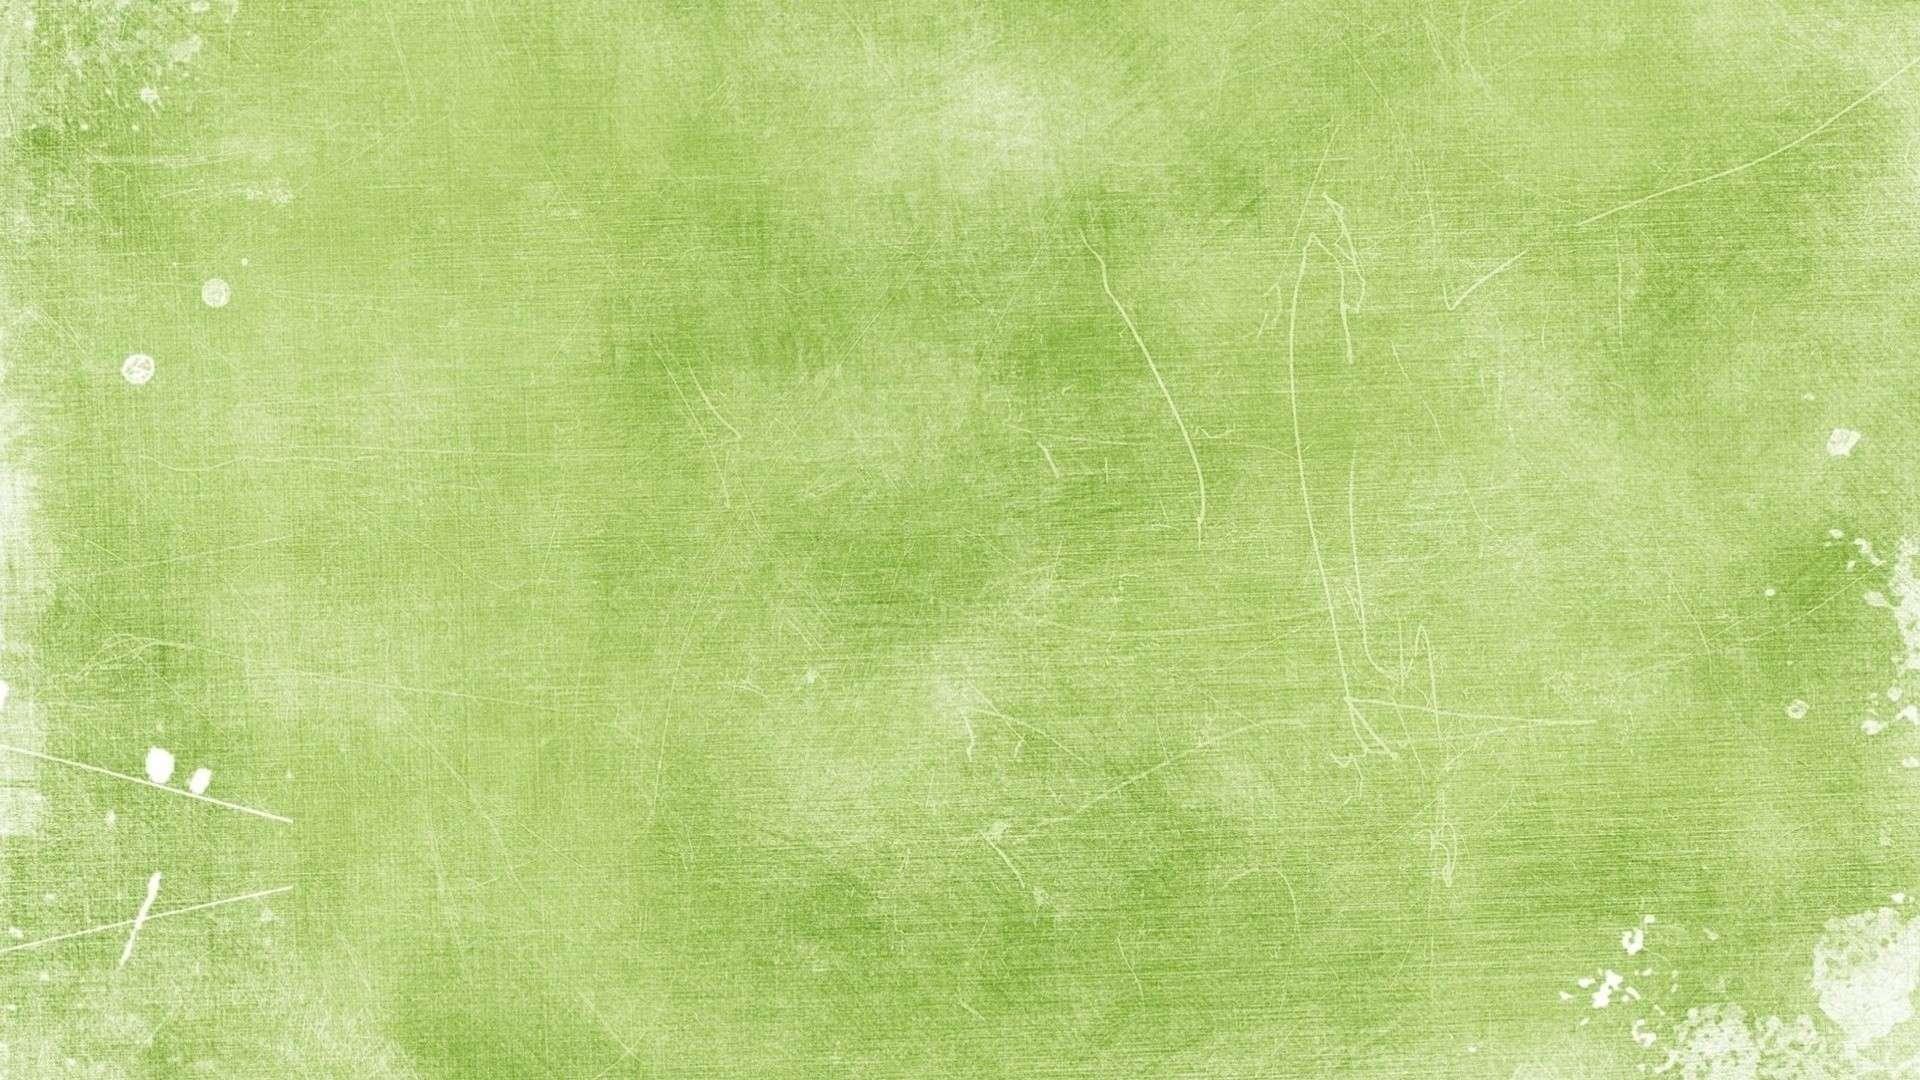 Wallpaper Surface Scratches Green Light Texture Hd Wallpaper 1080p 1920x1080